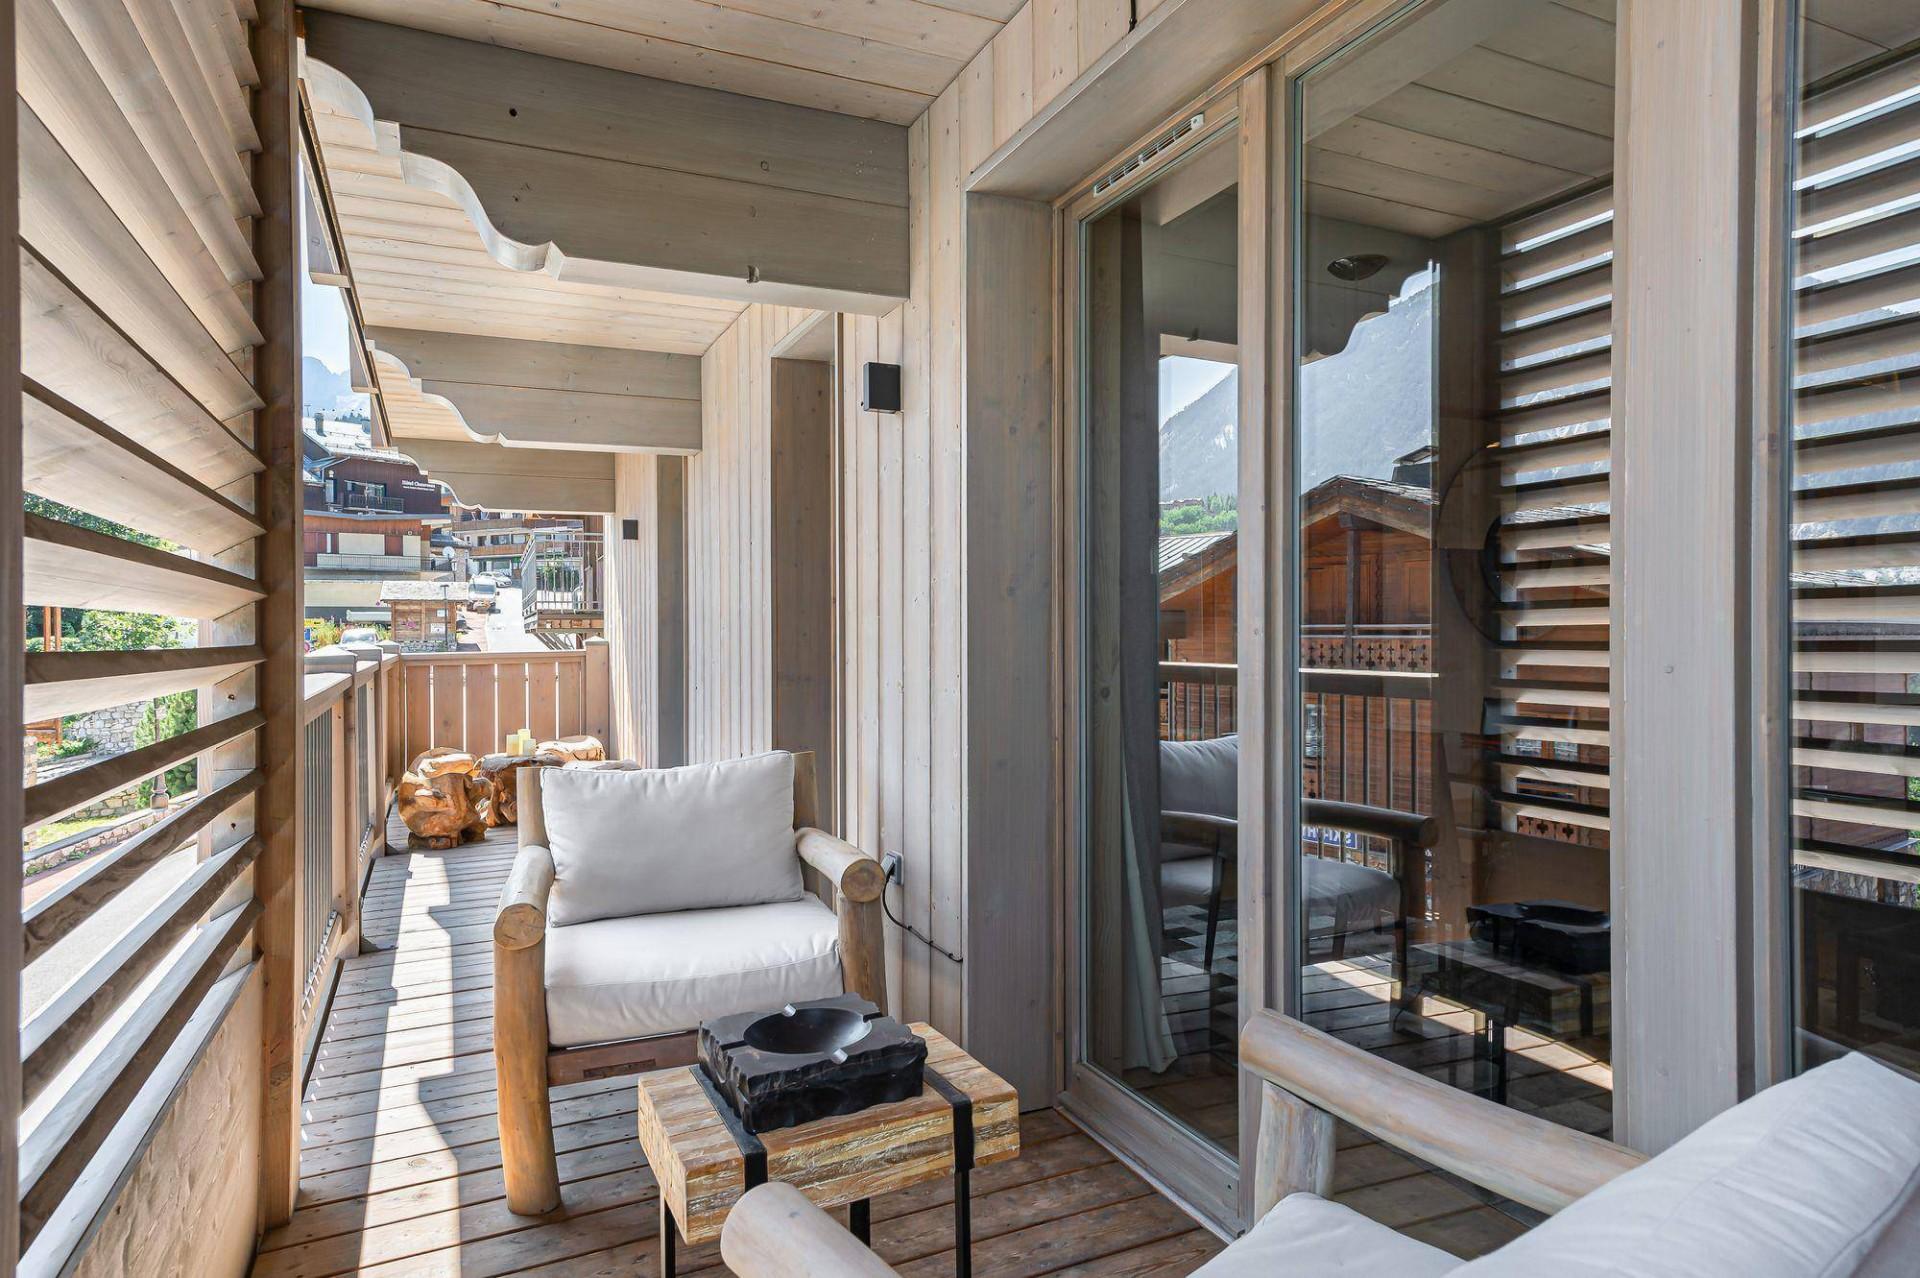 Courchevel 1550 Location Appartement Luxe Telimite Balcon 3